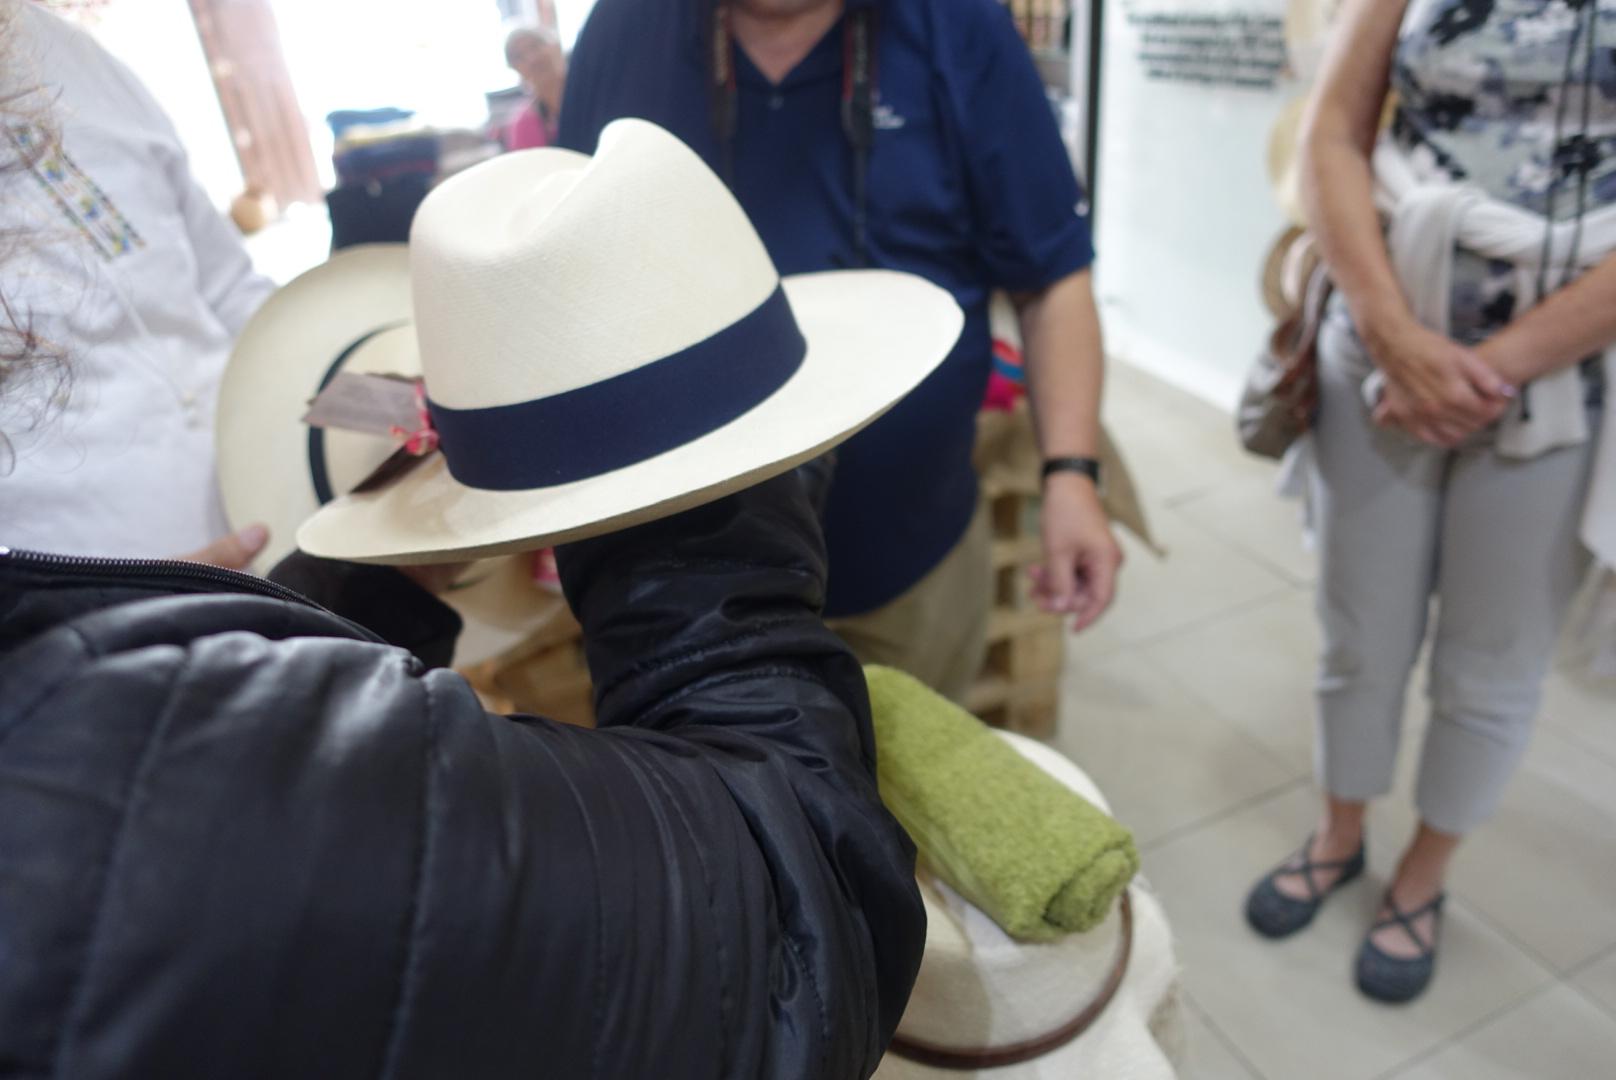 $3,000 hat